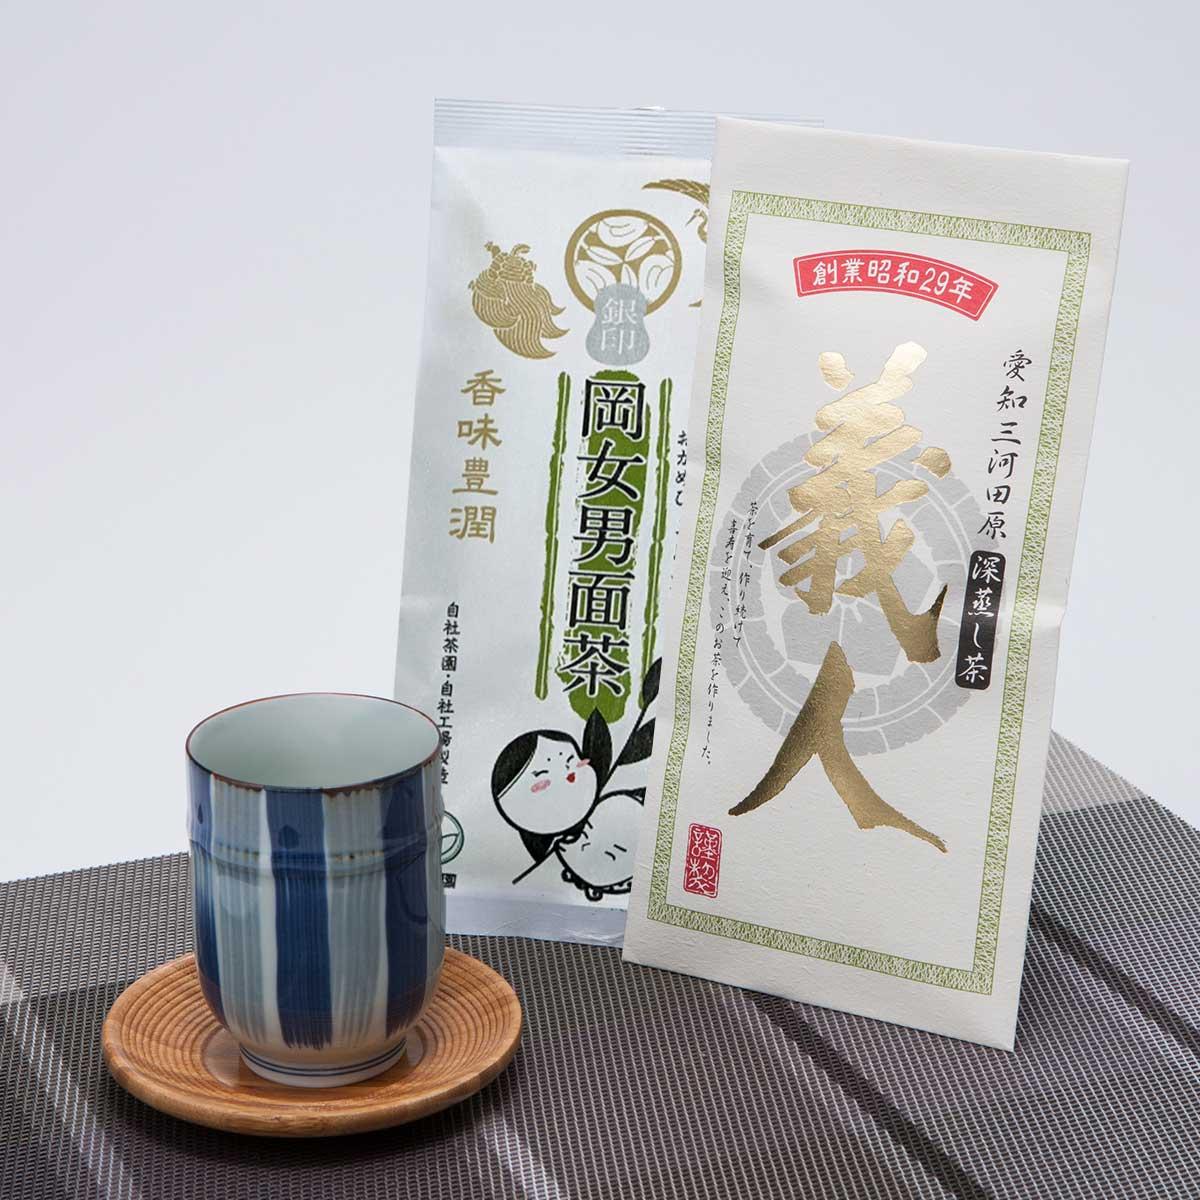 昭和29年(1954年)に創業した老舗茶園が厳選した 銘茶詰め合わせ VG-24 磯田園製茶株式会社・愛知県